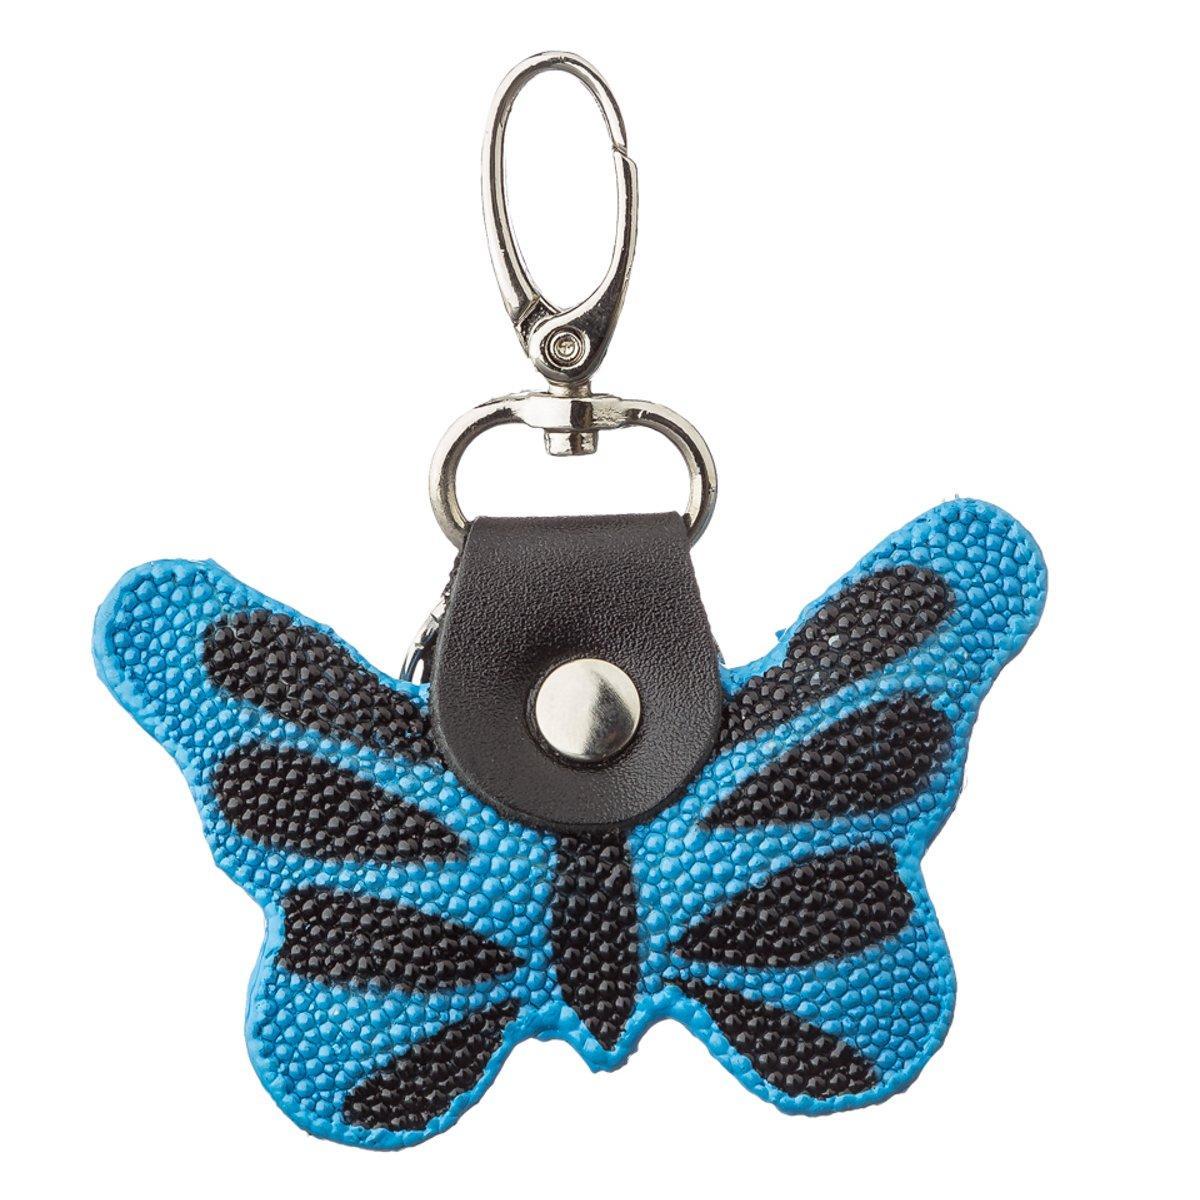 Брелок сувенір метелик STINGRAY LEATHER 18537 з натуральної шкіри морського скату Синій